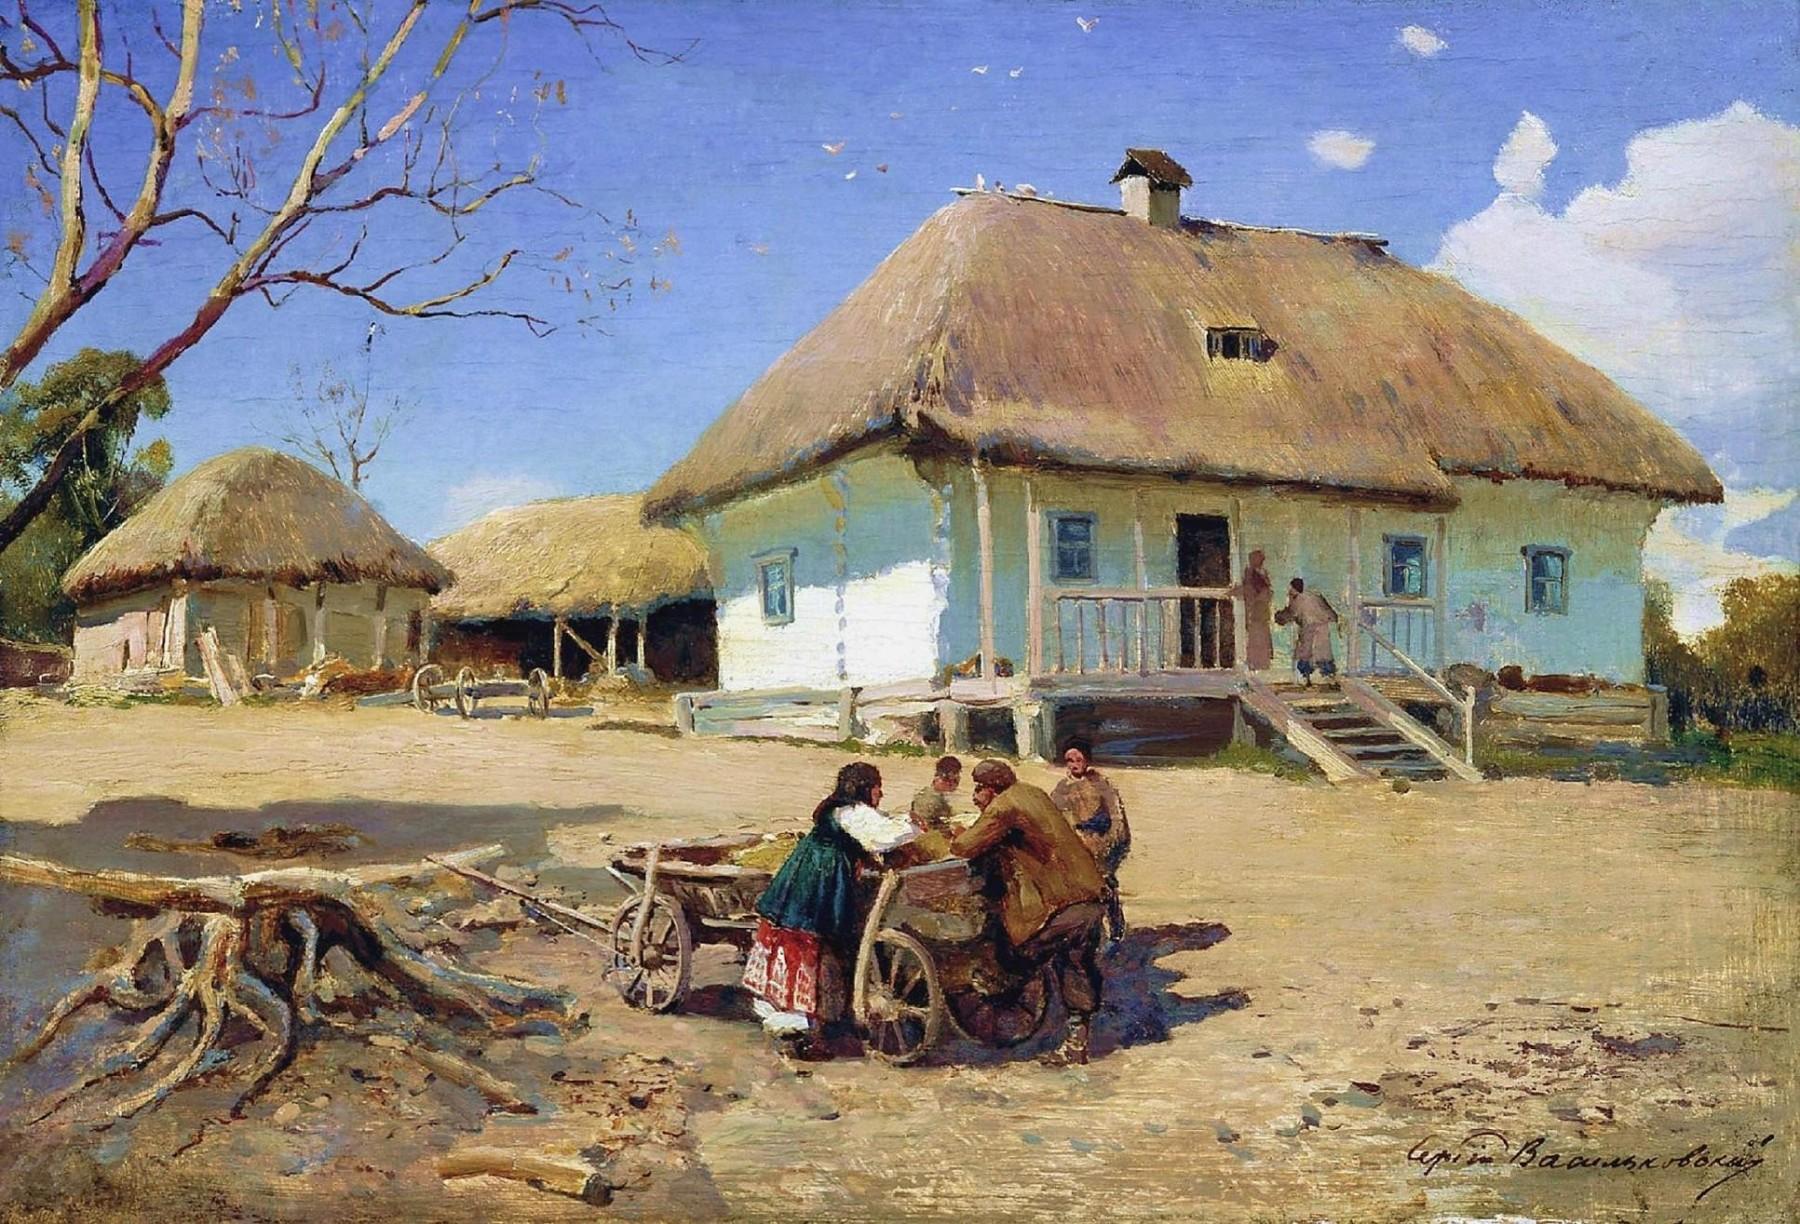 sergei vasilkovsky. a cossack village | art and faith